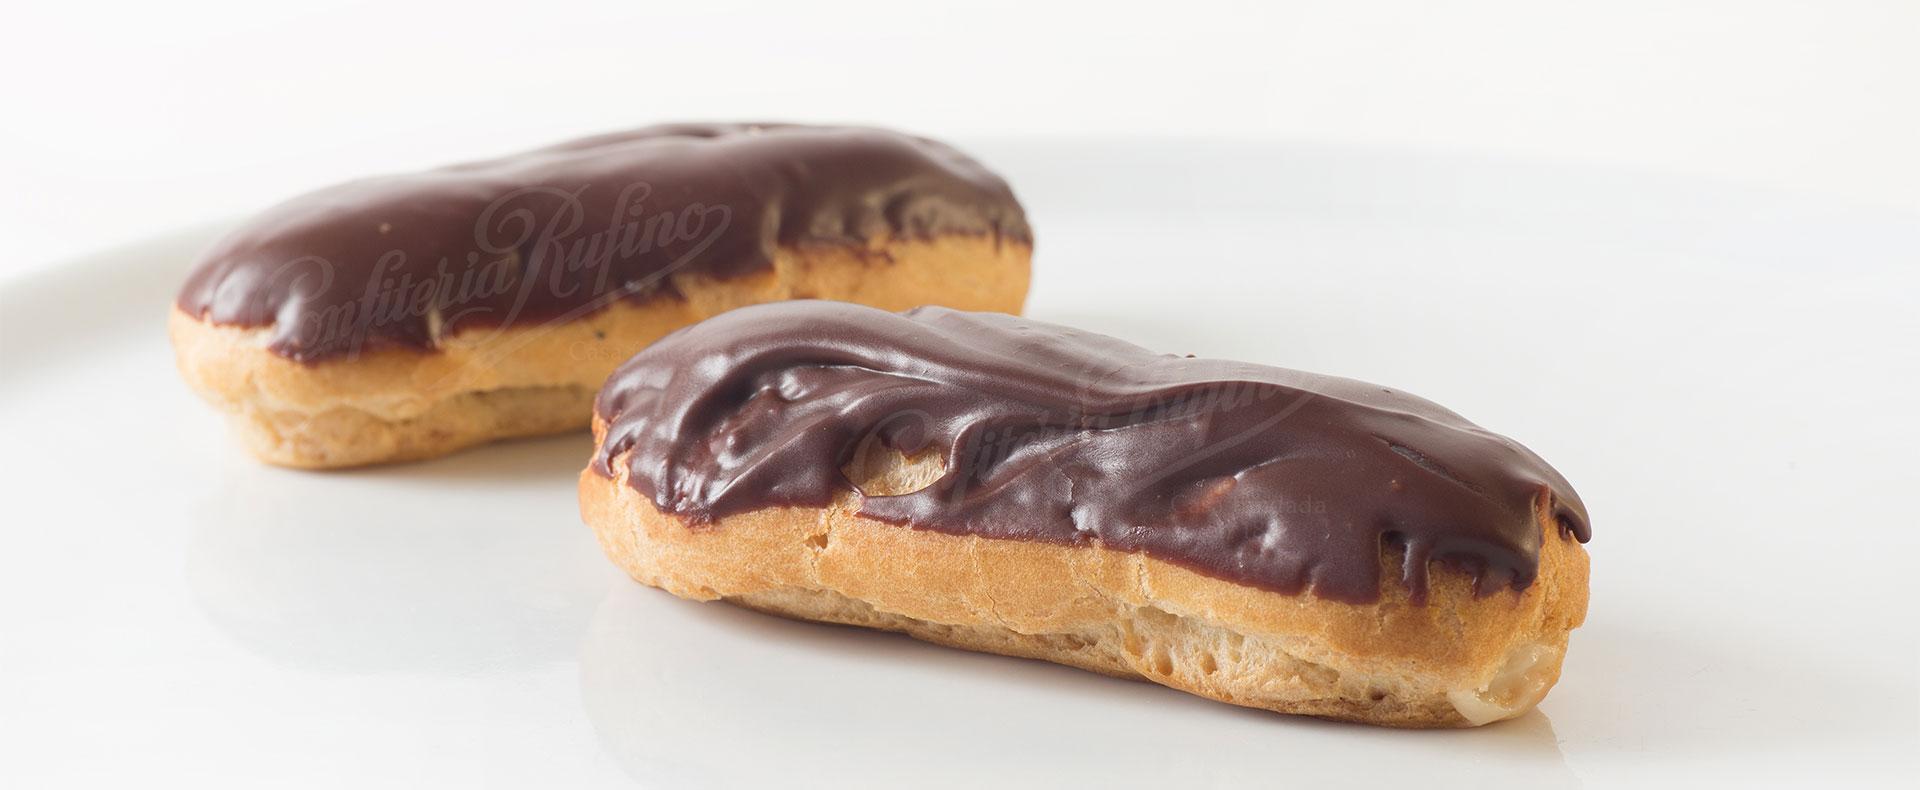 petisú relleno de crema con chocolate Confitería Rufino Aracena